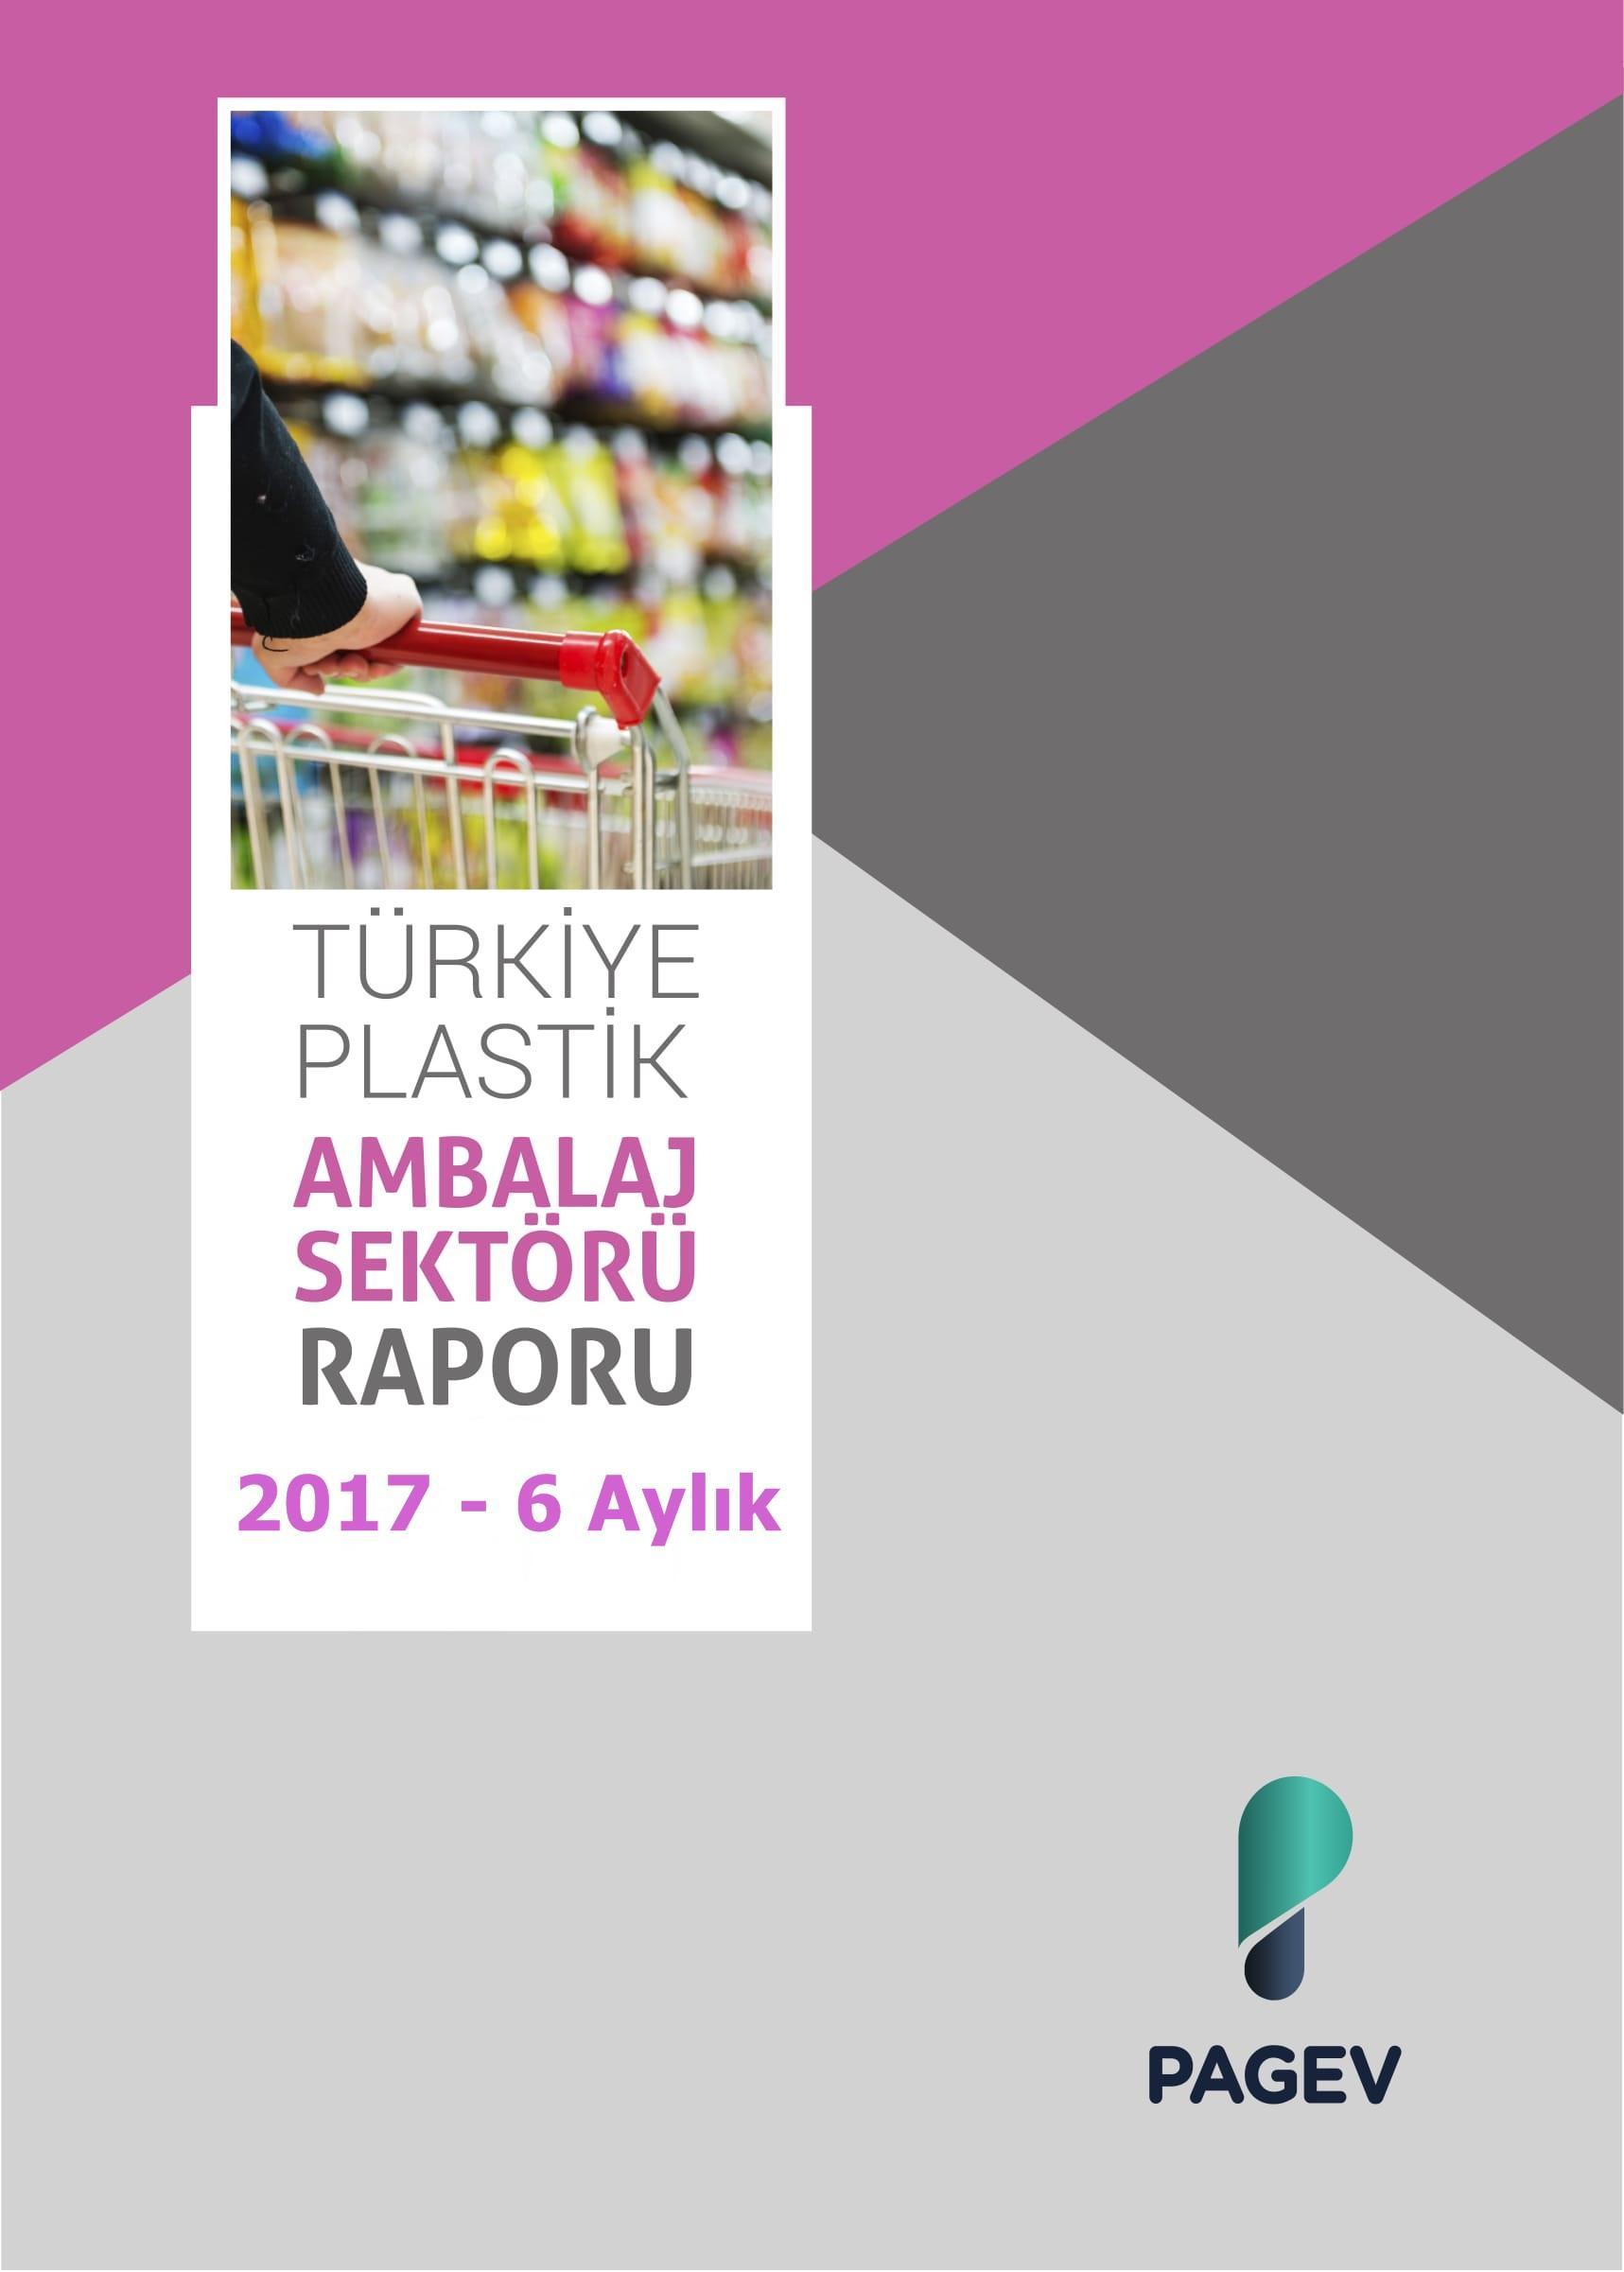 Türkiye Plastik Ambalaj Malzemeleri Sektör Raporu 2017/6 Aylık